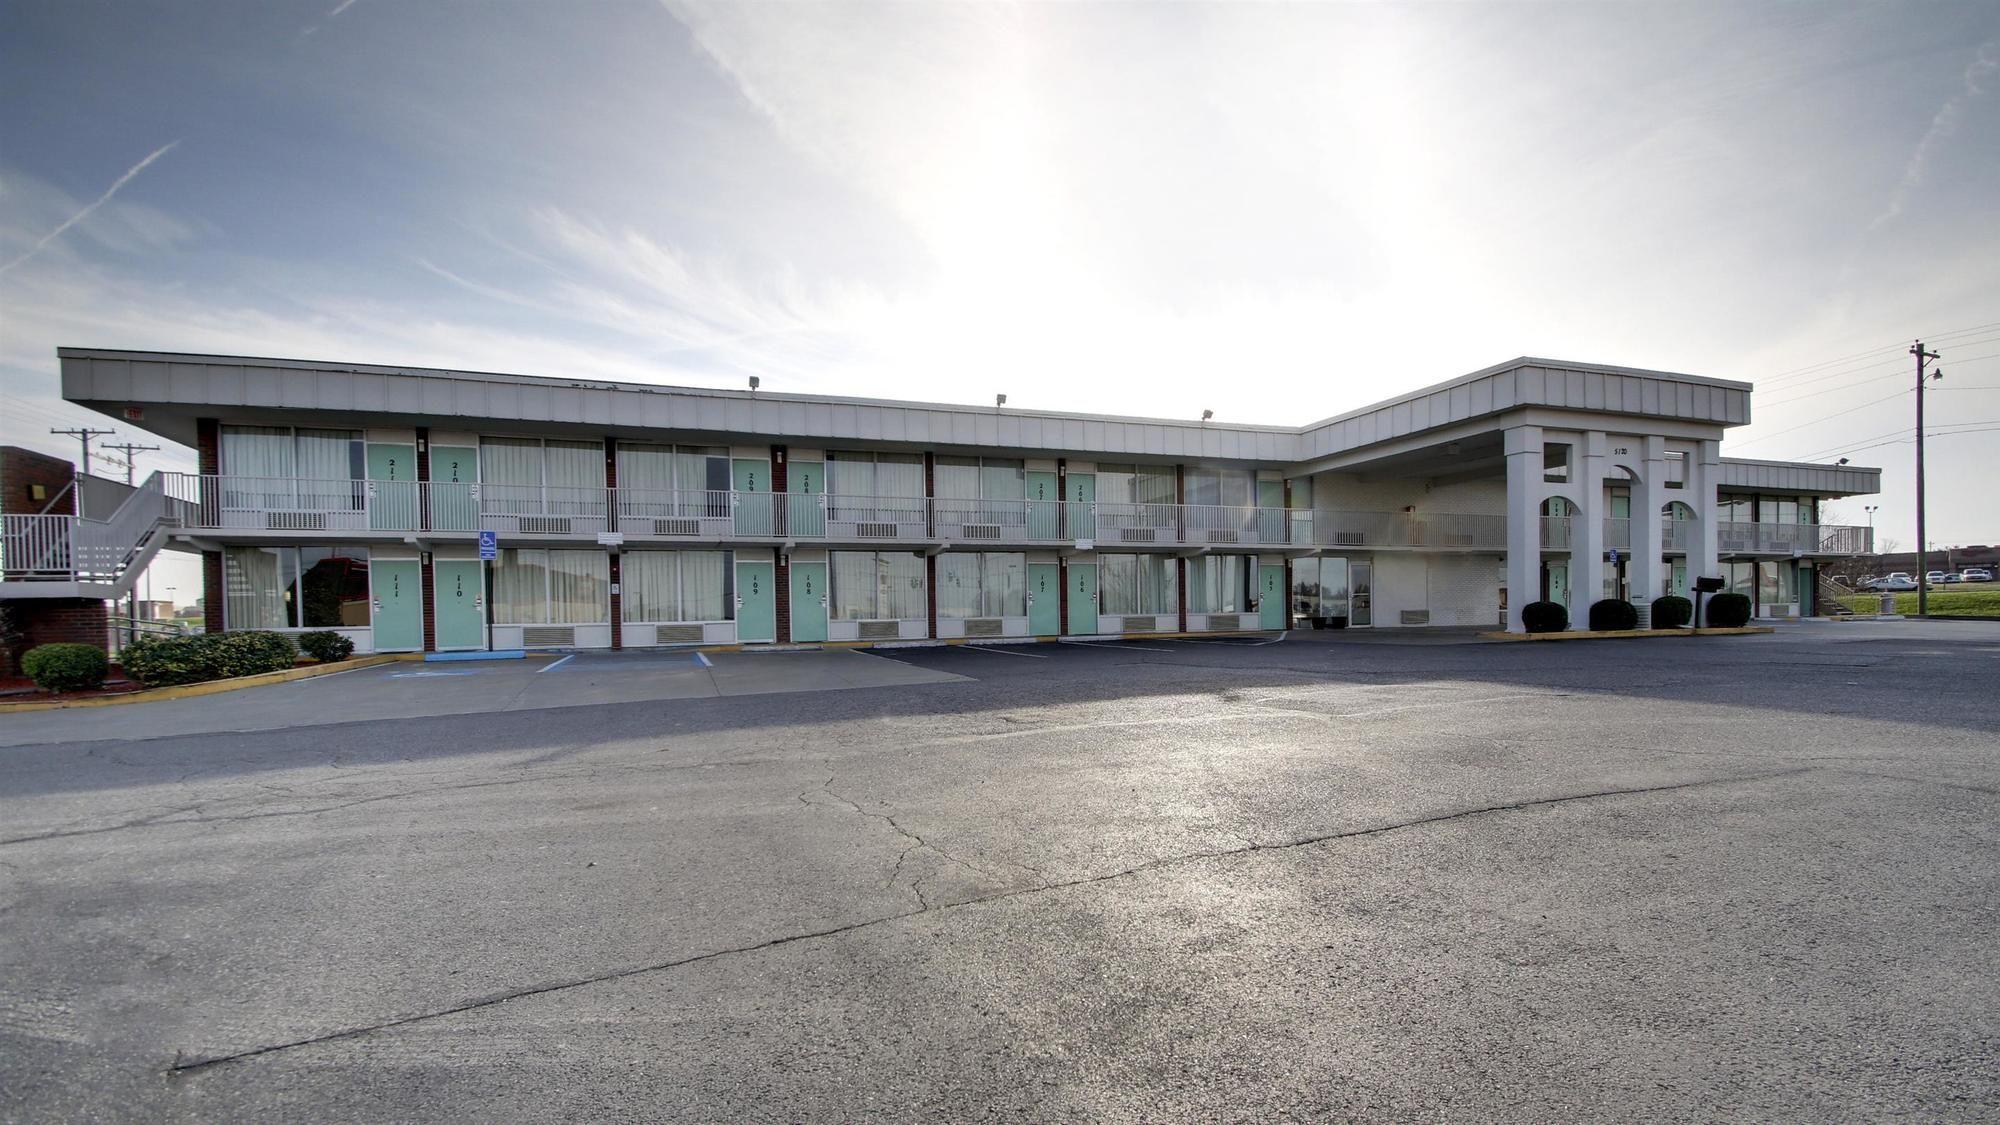 Paducah Hotel Coupons For Paducah Kentucky